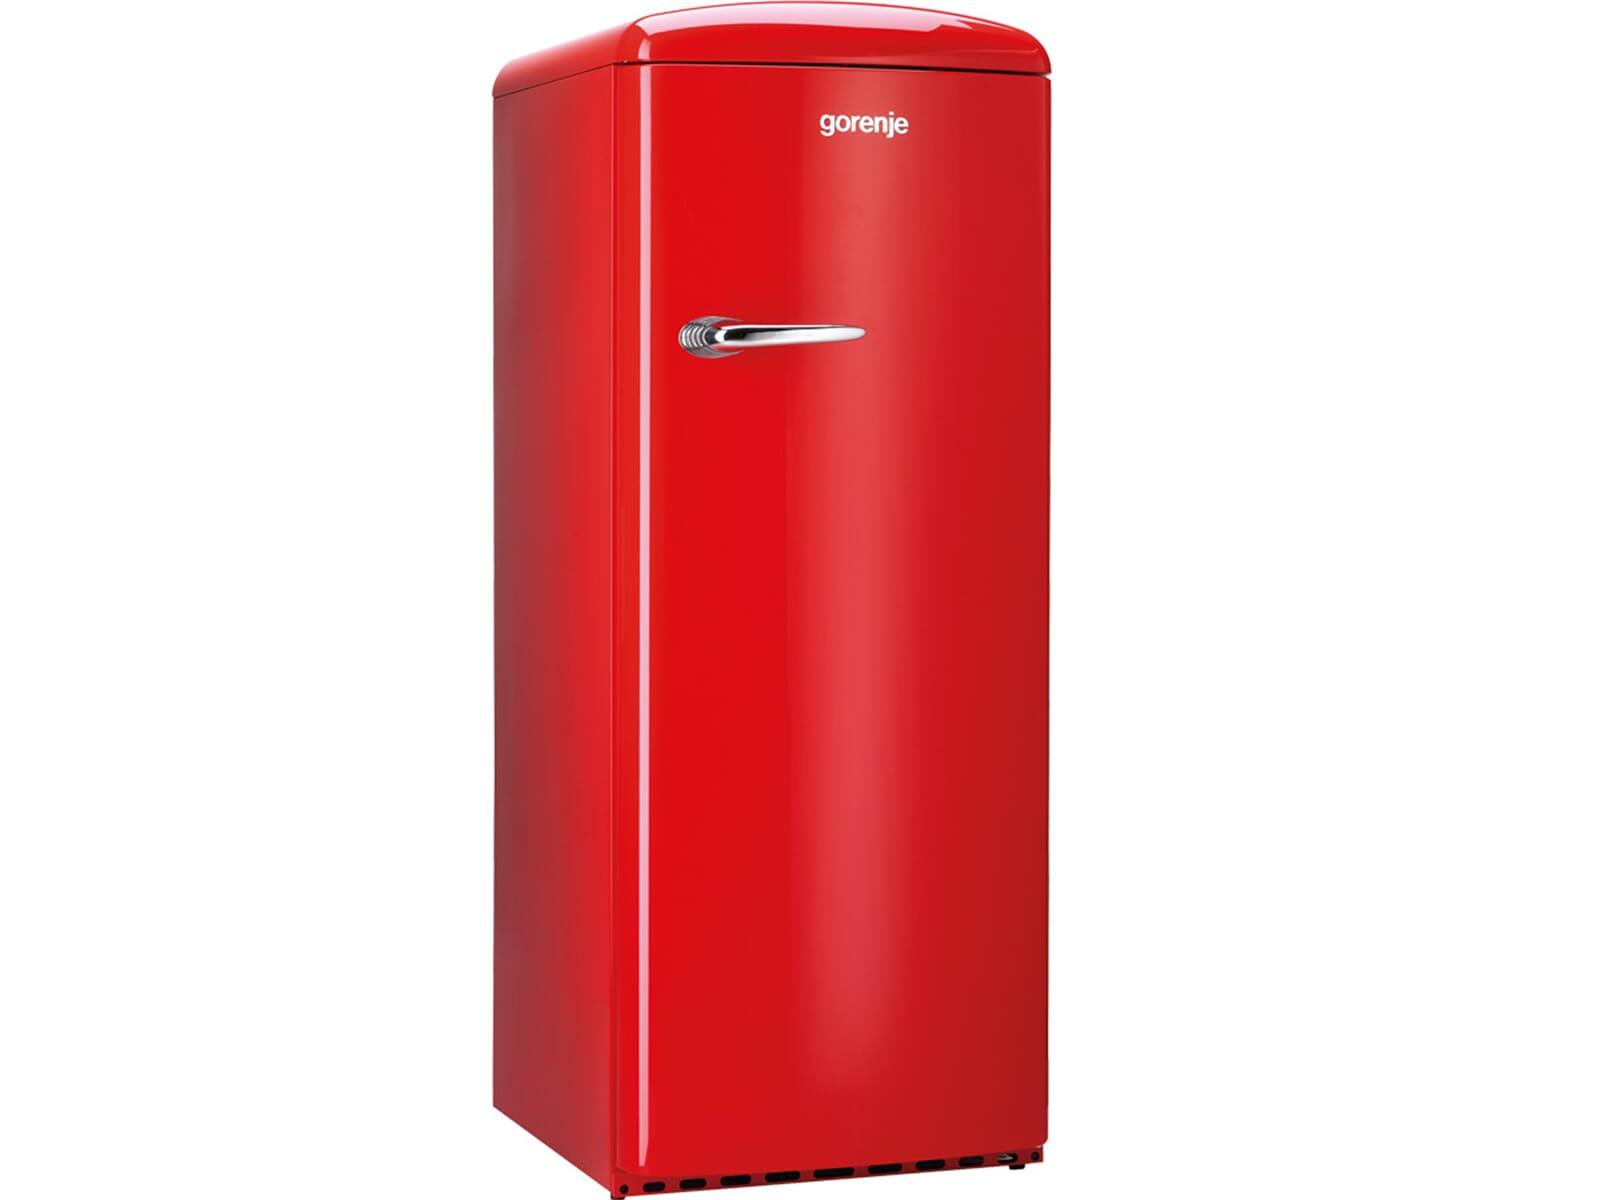 Gorenje Kühlschrank Orb 153 : Retro kühlschrank mit gefrierfach gorenje orb retro